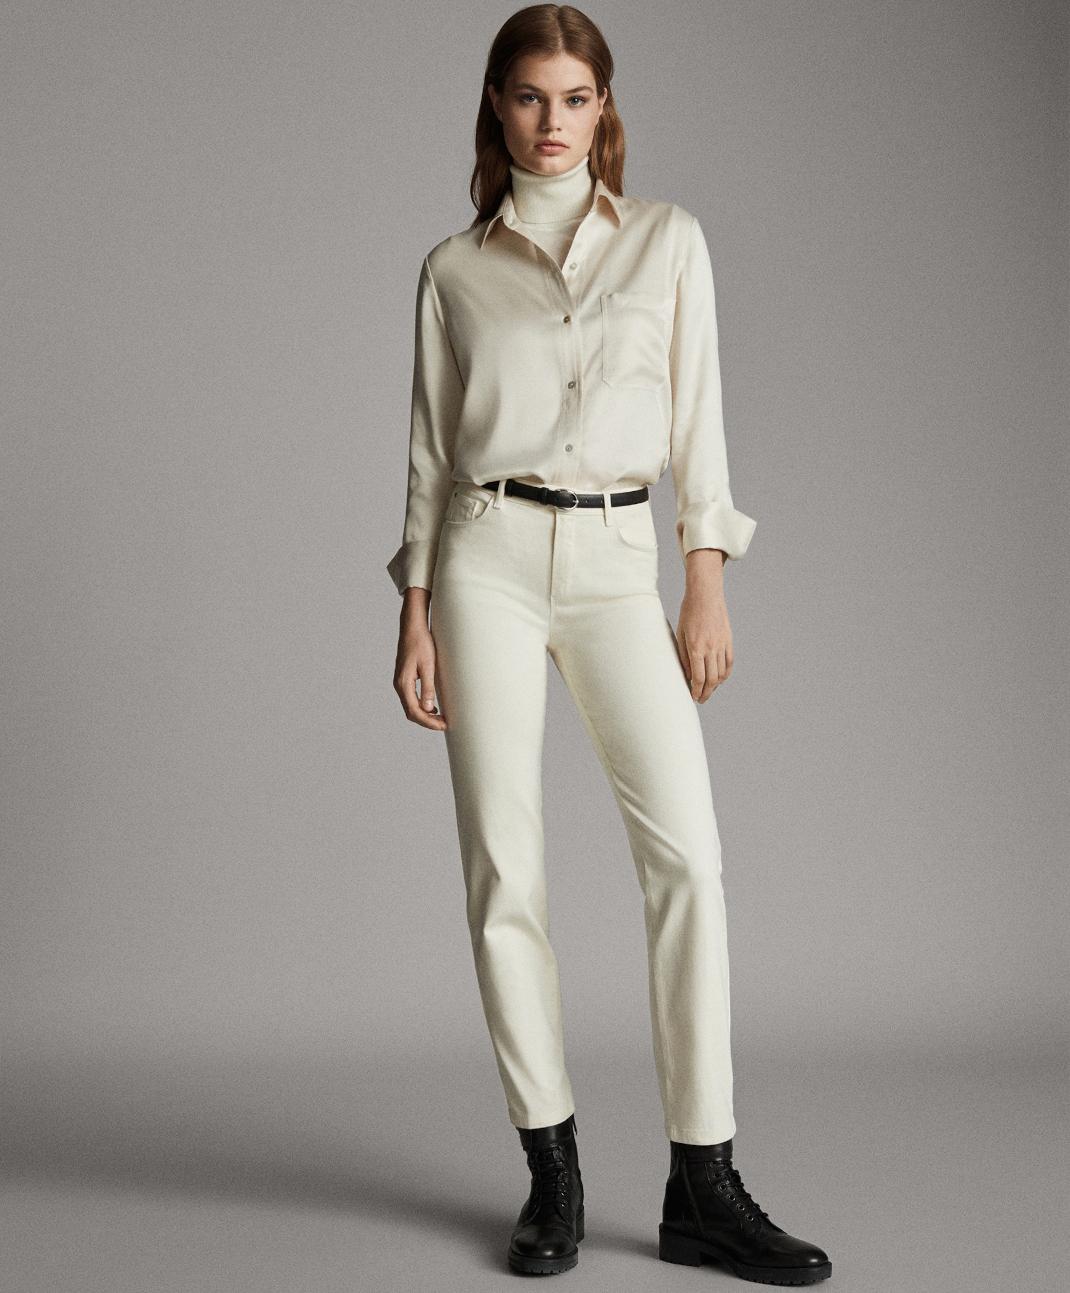 μοντέλο με παντελόνι Massimo Dutti